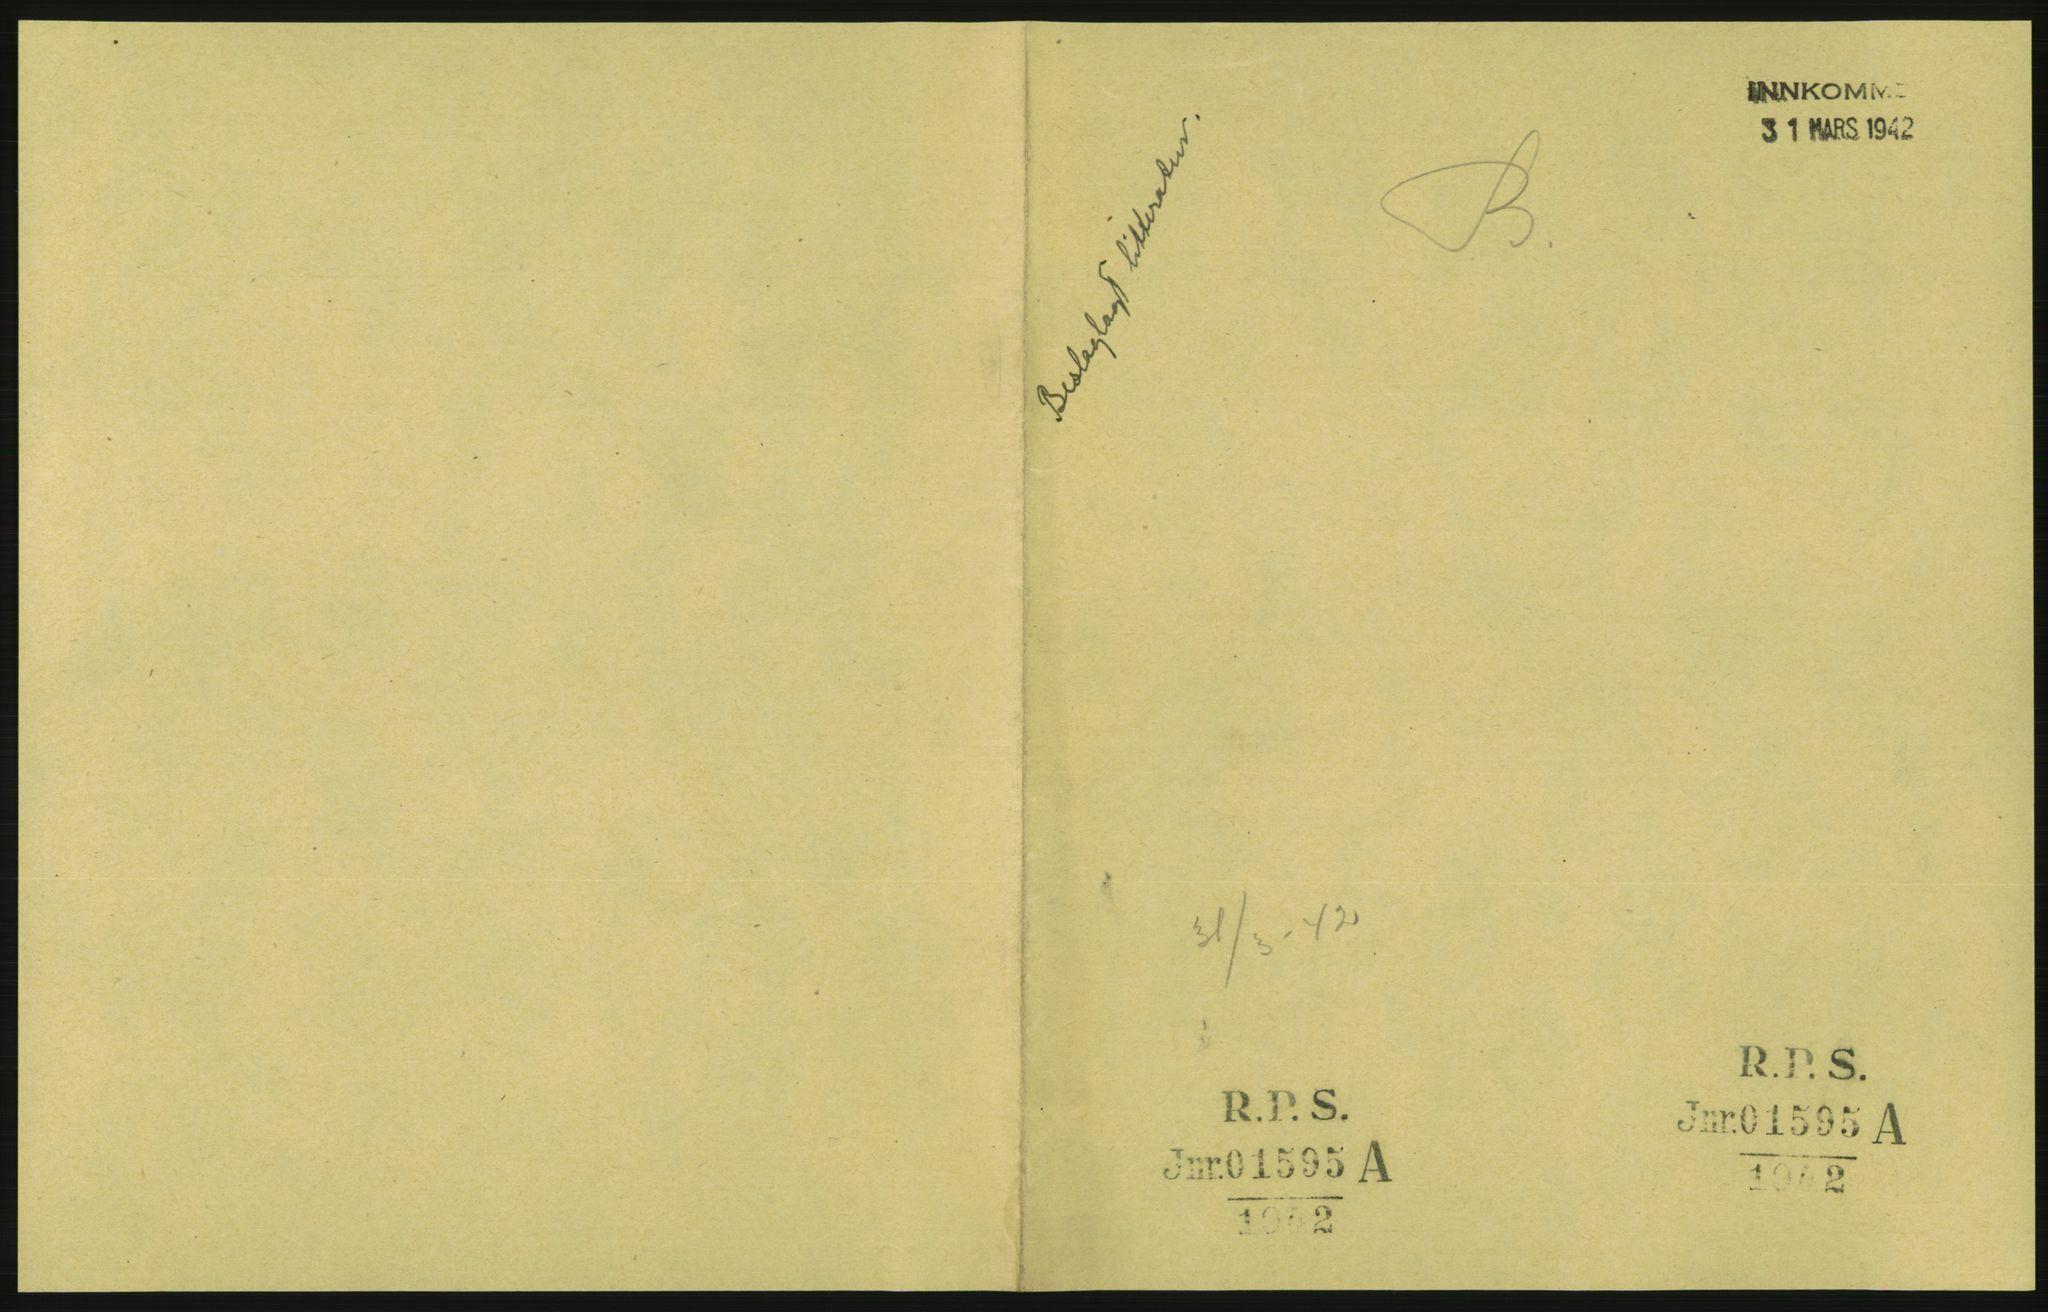 RA, Statspolitiet - Hovedkontoret / Osloavdelingen, F/L0091: Beslaglagt litteratur, 1941-1943, s. 3